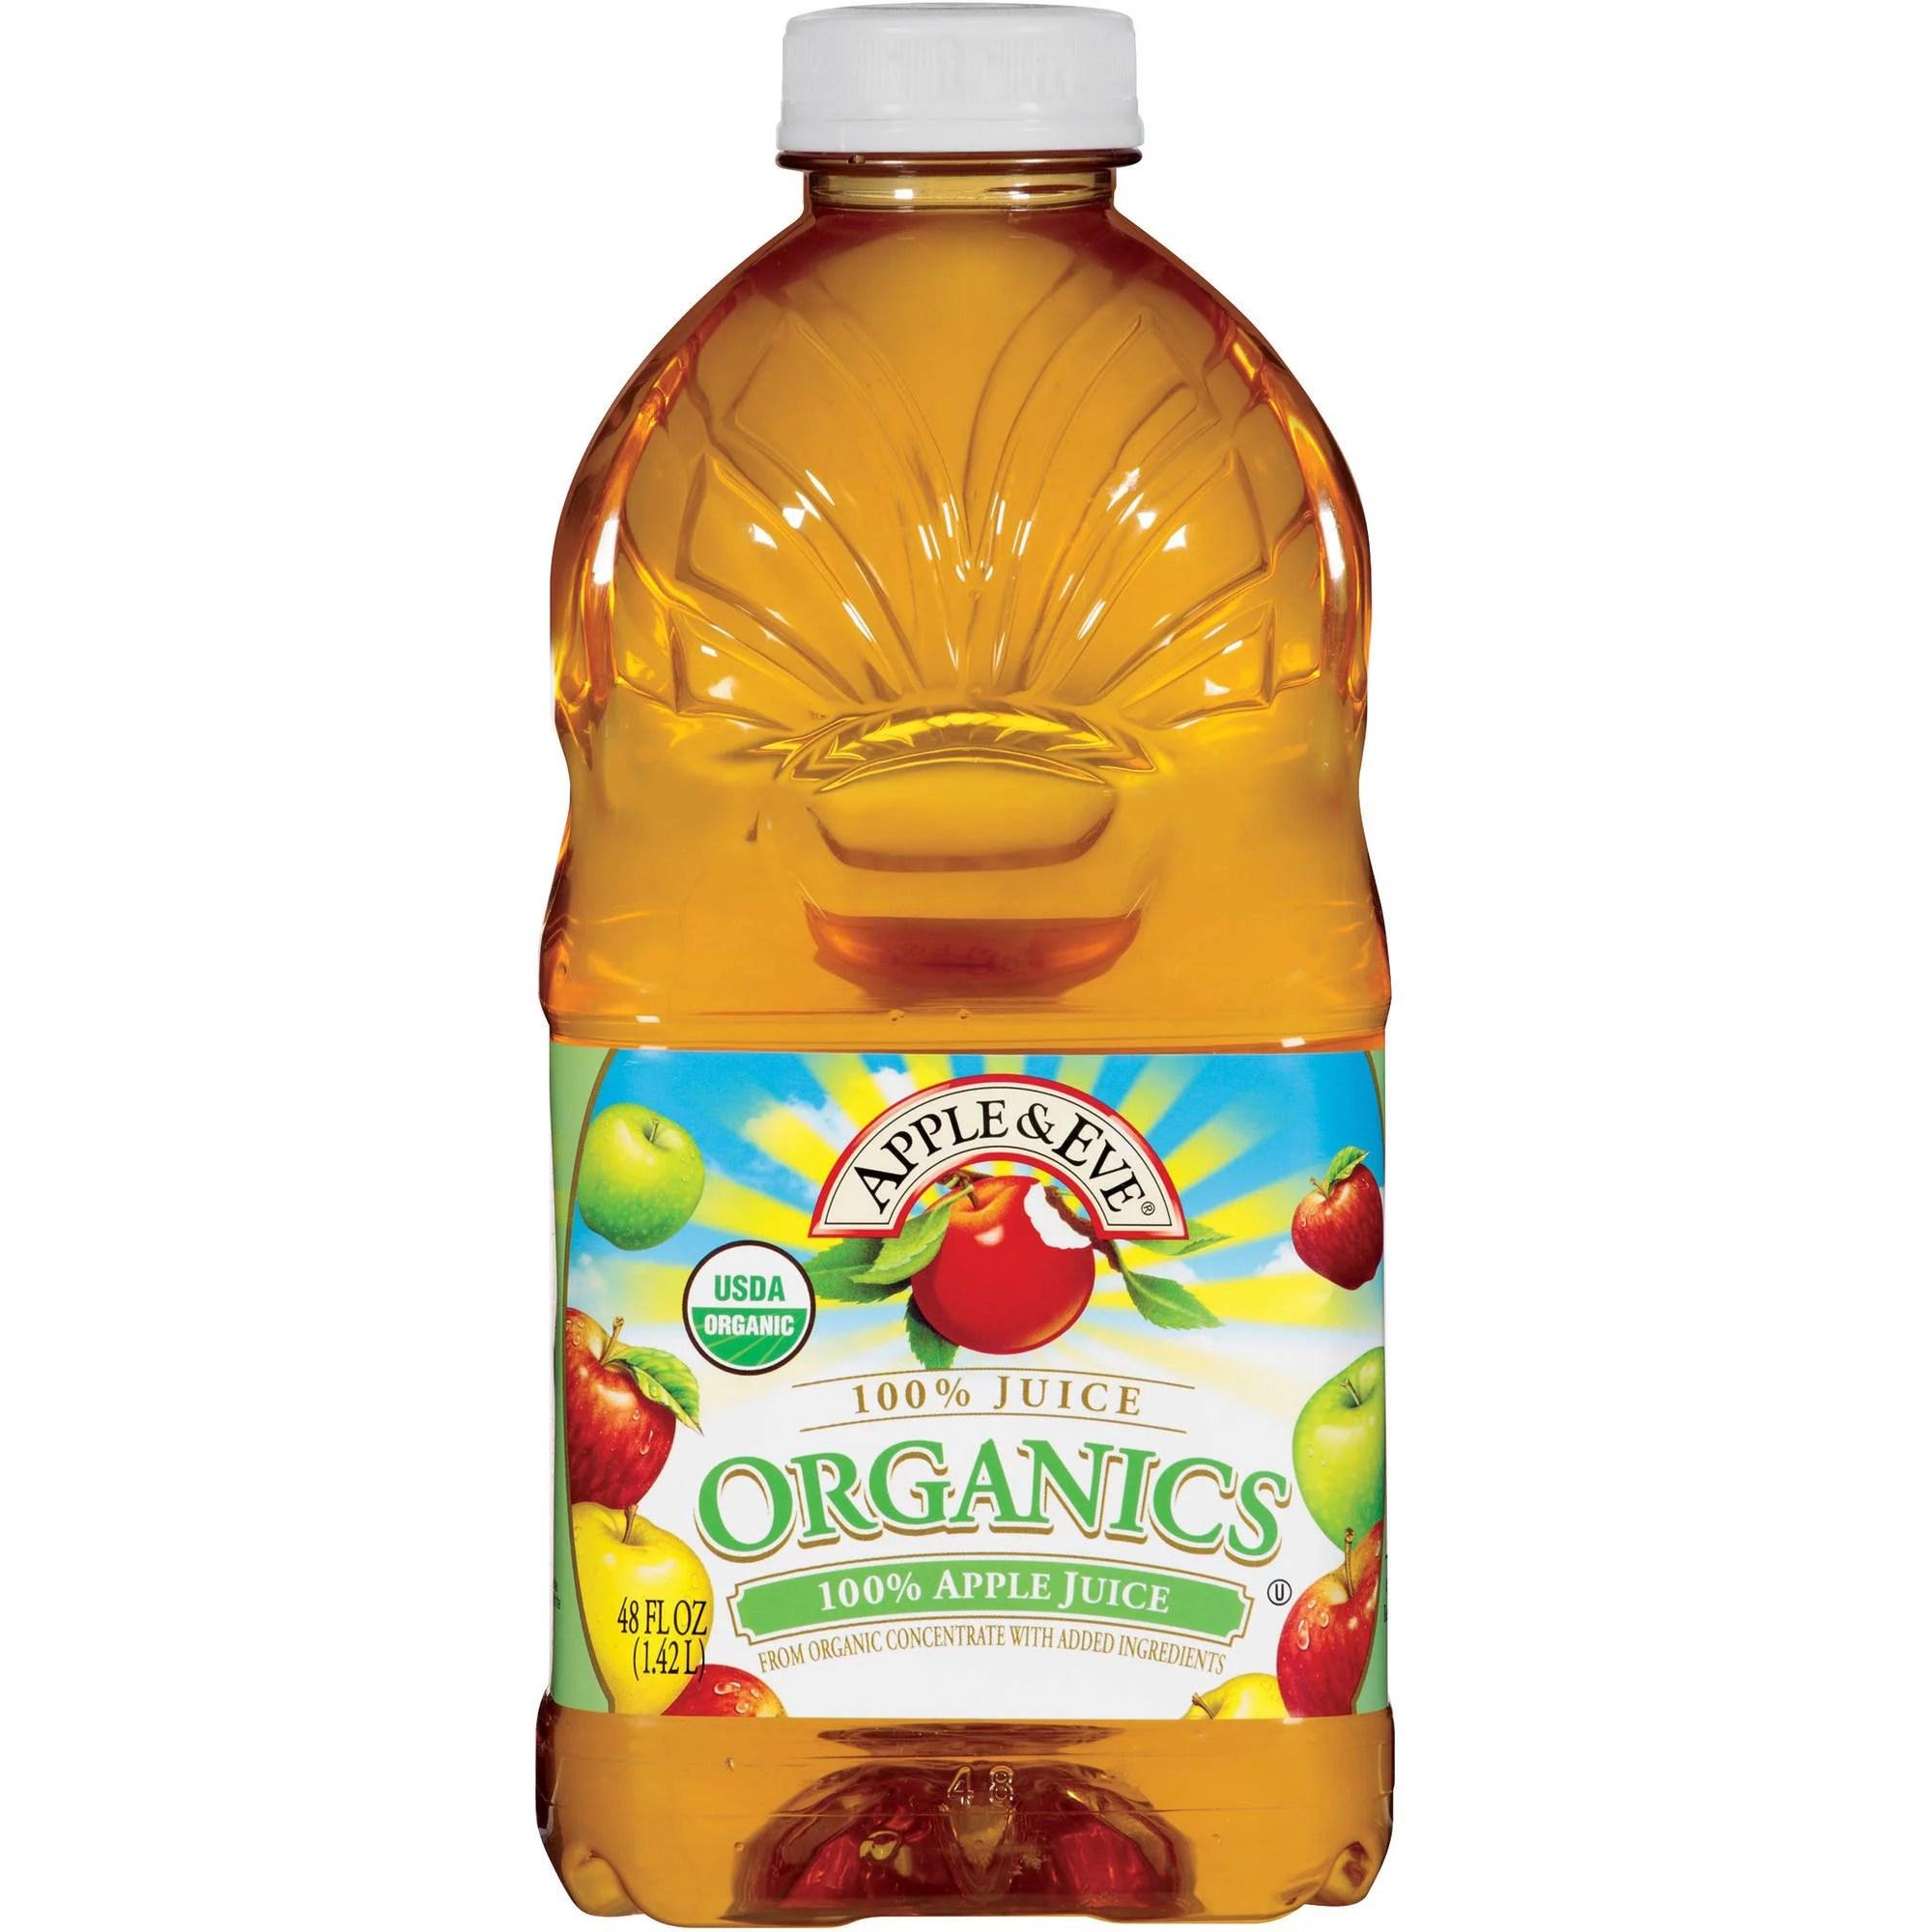 Apple Eve Organics 100 Apple Juice 48 fl oz Pack of